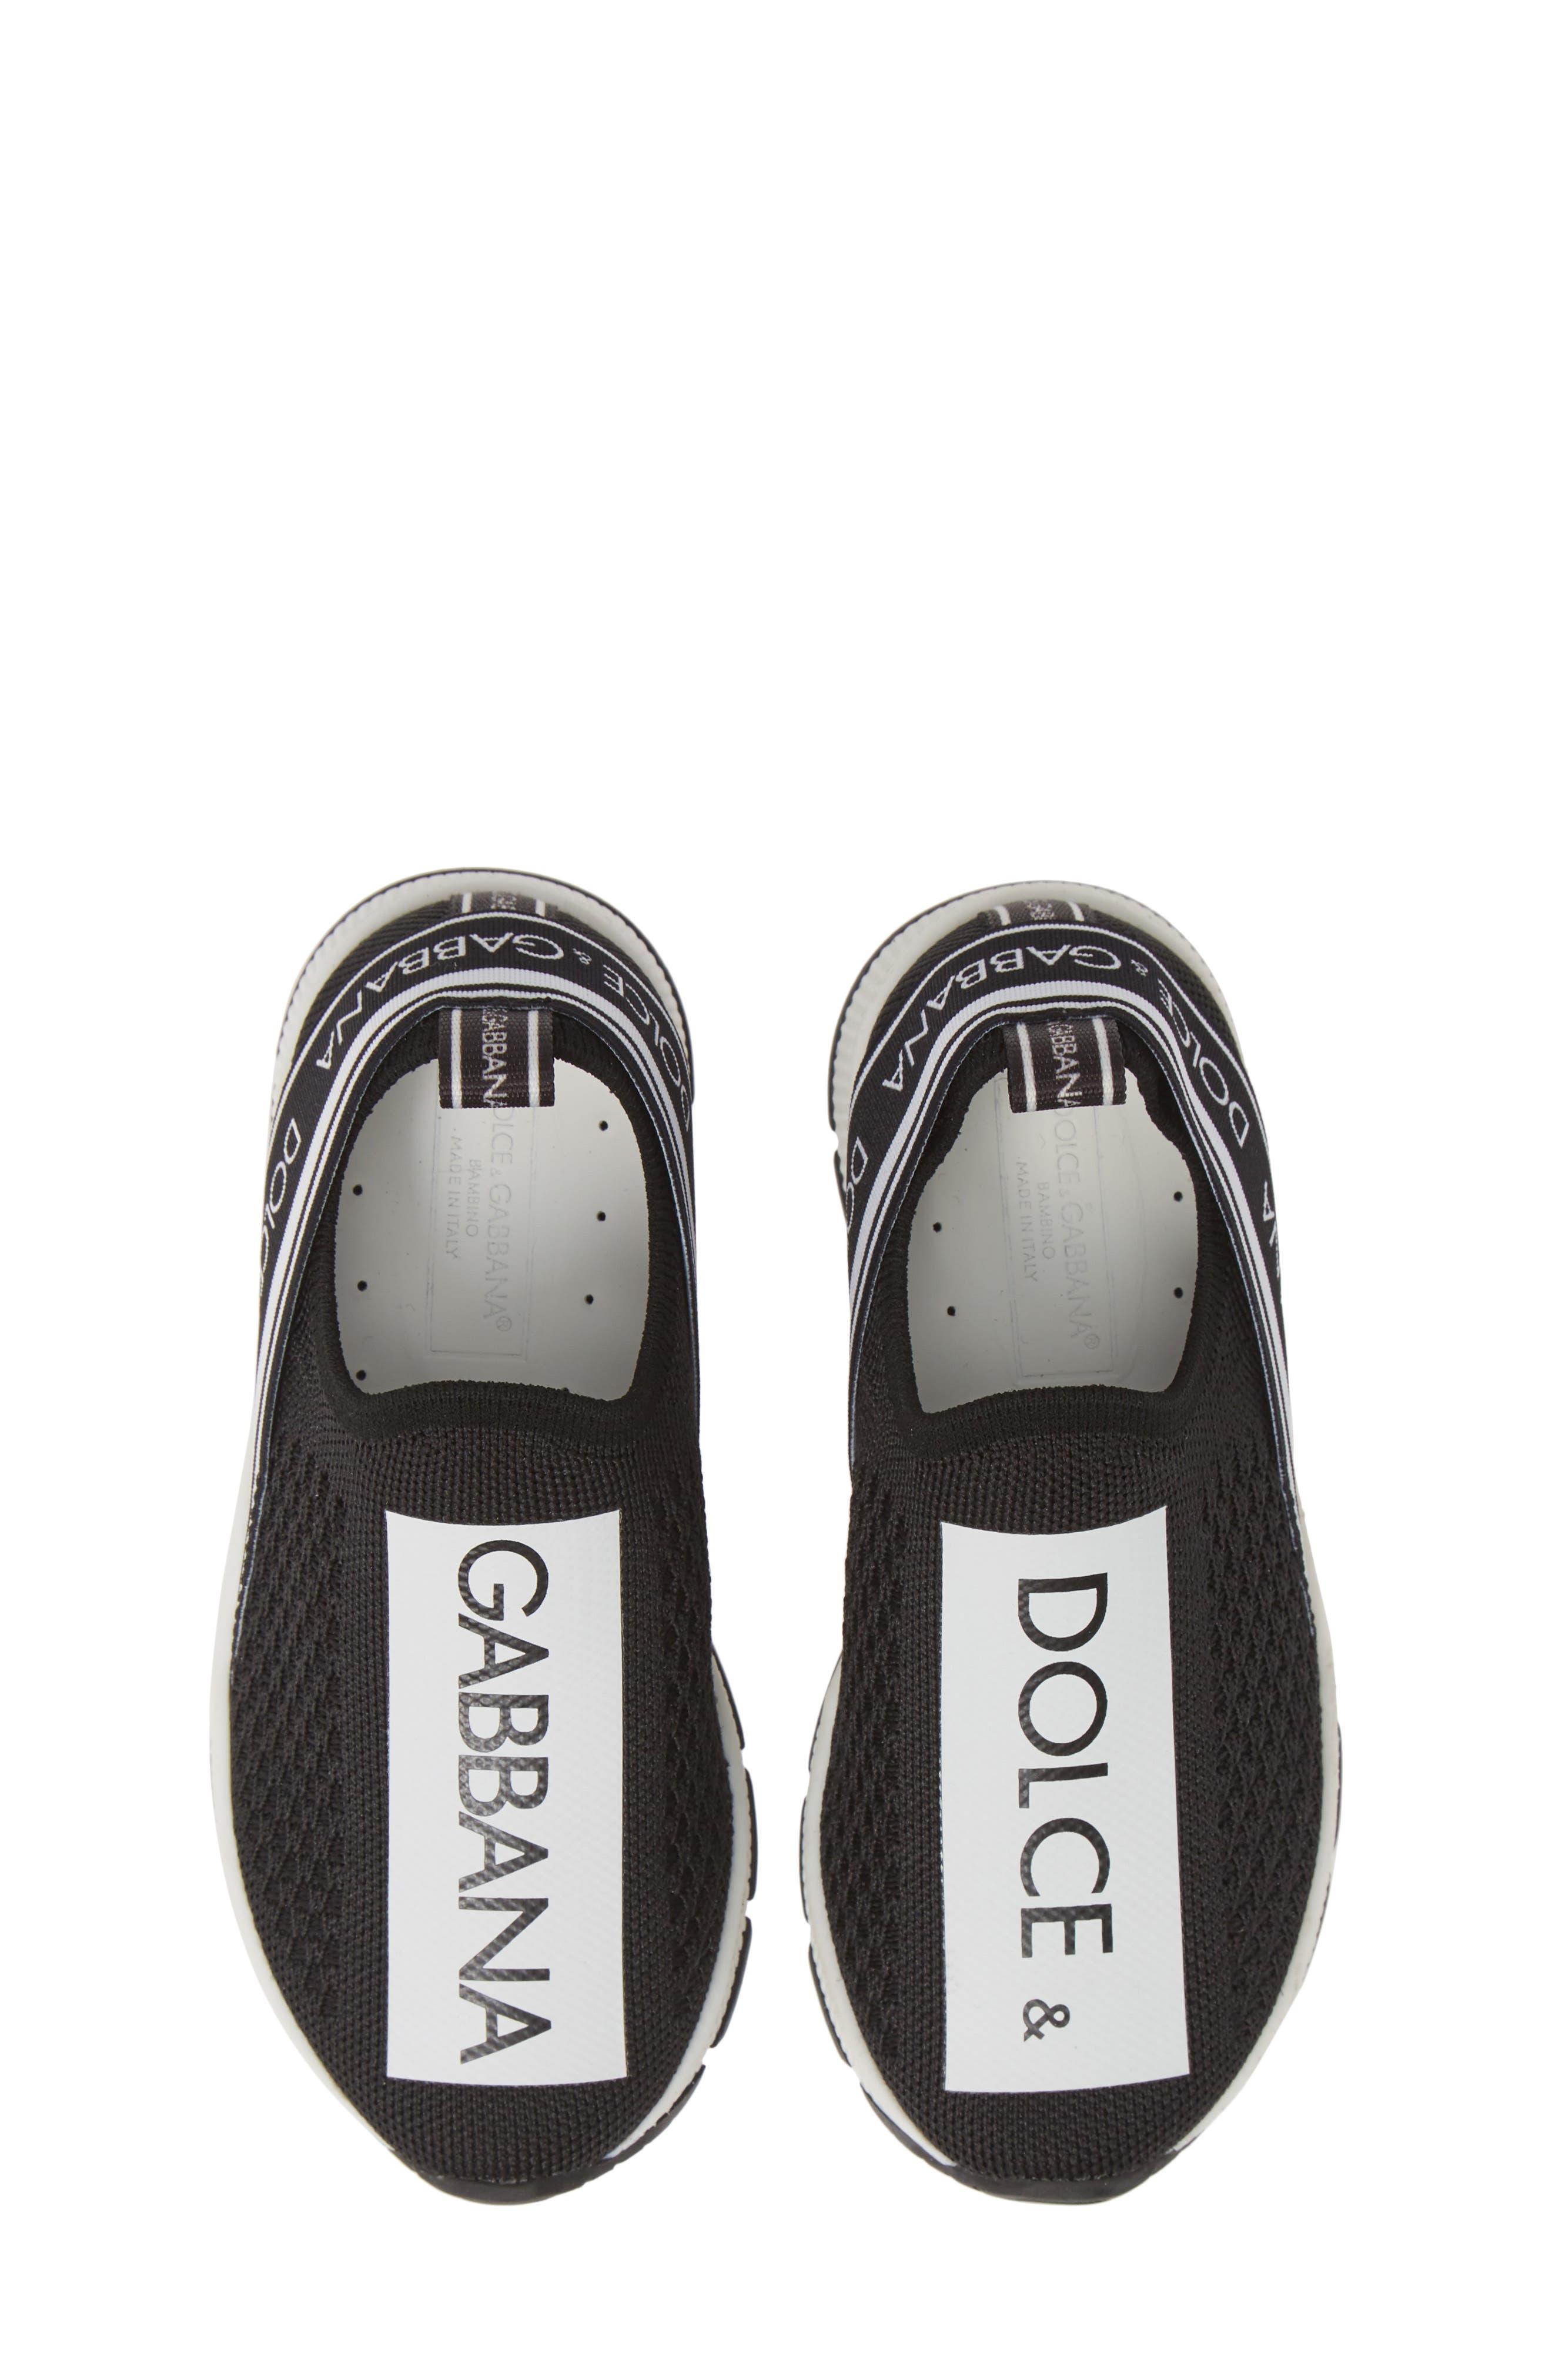 Girls Dolce  gabbana Logo Knit SlipOn Sneaker Size 135US  31EU  Black